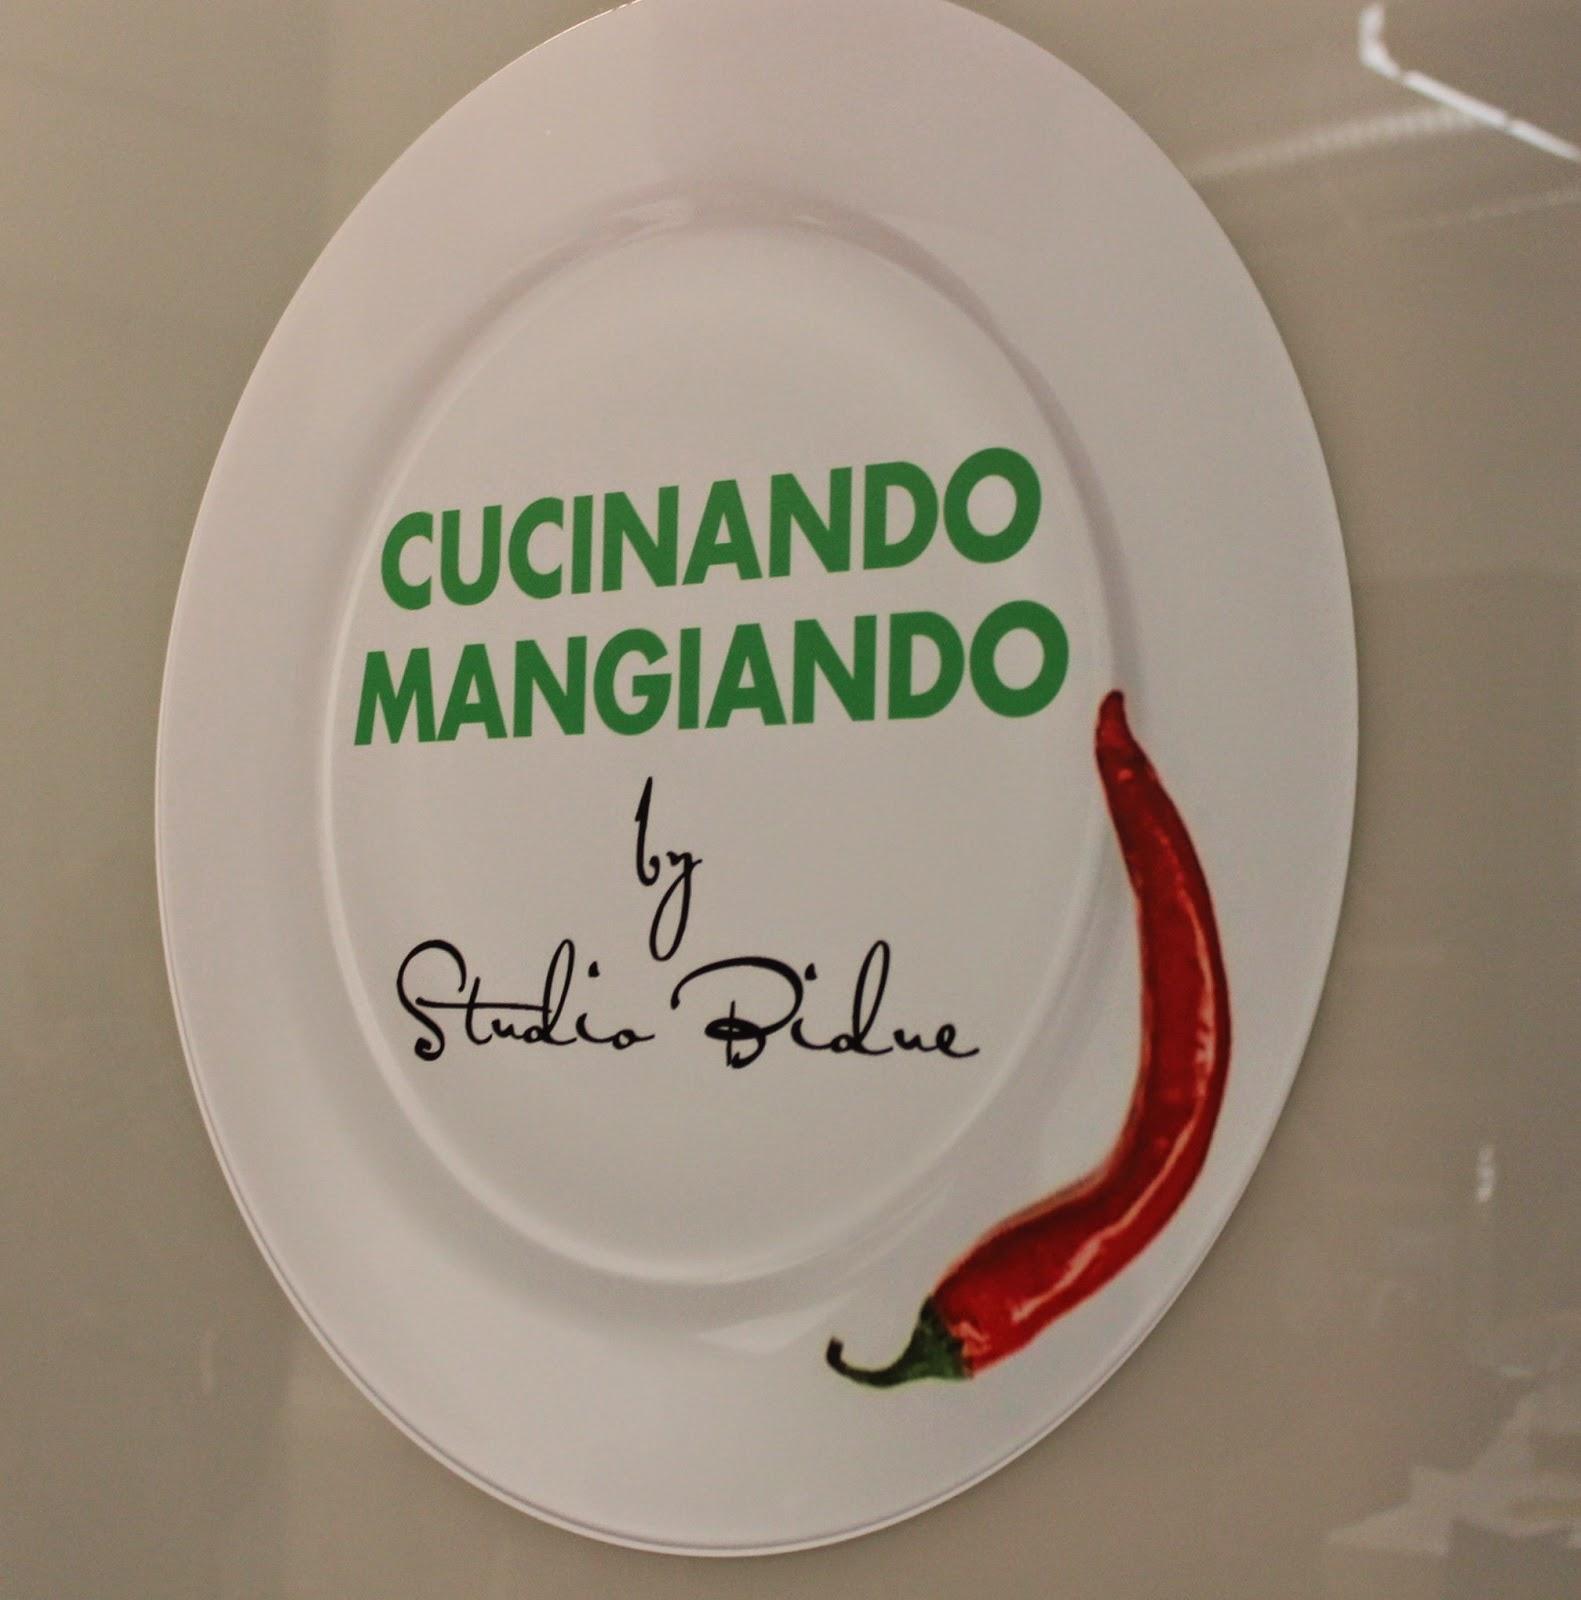 http://cucinandomangiando.com/home.asp